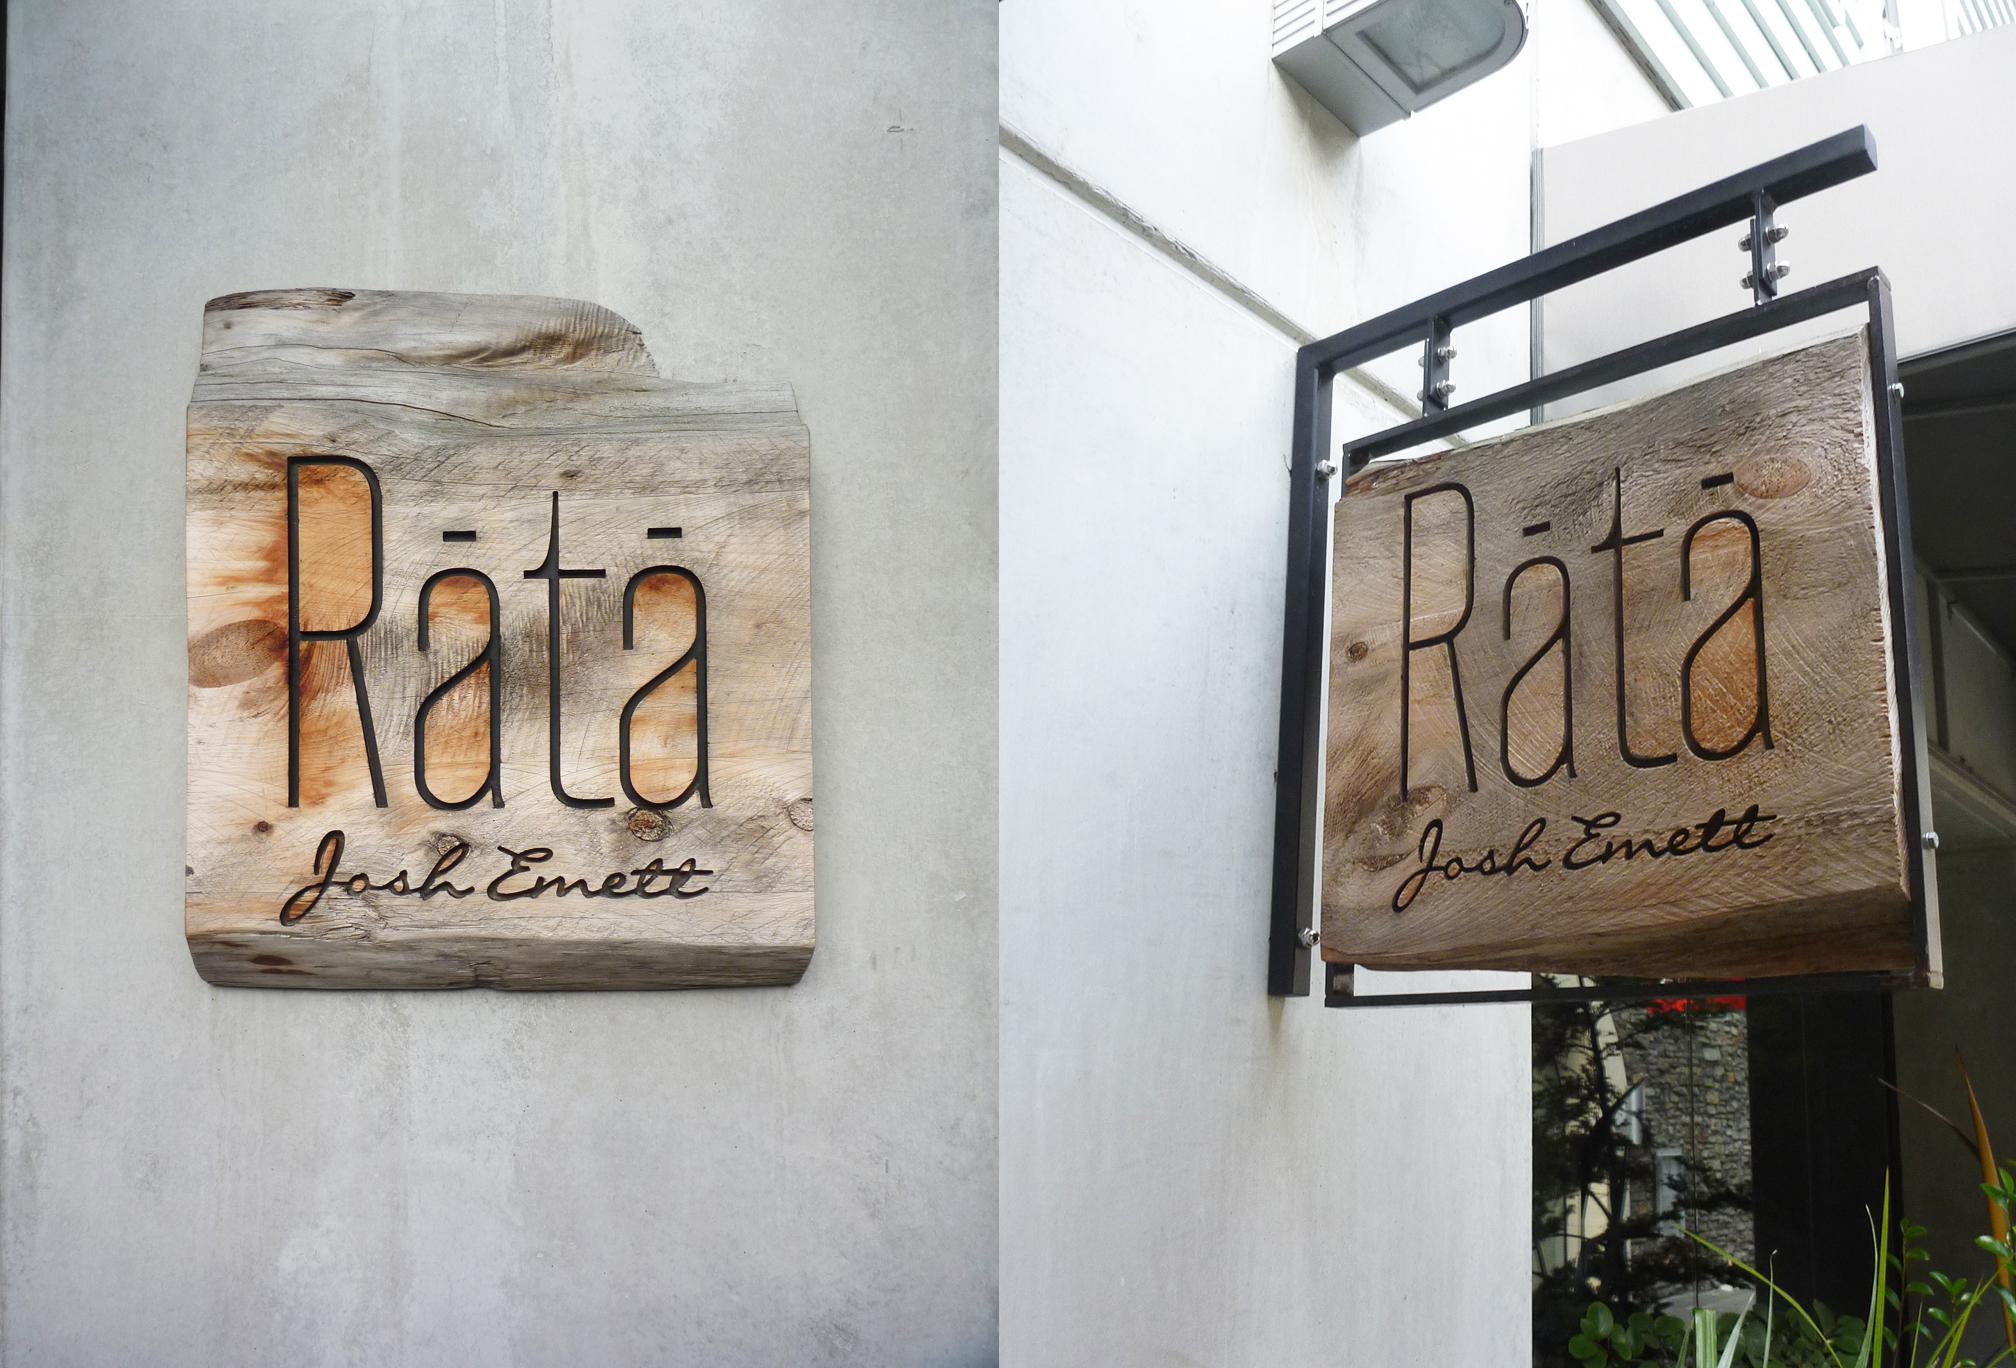 Rata – Josh Emett